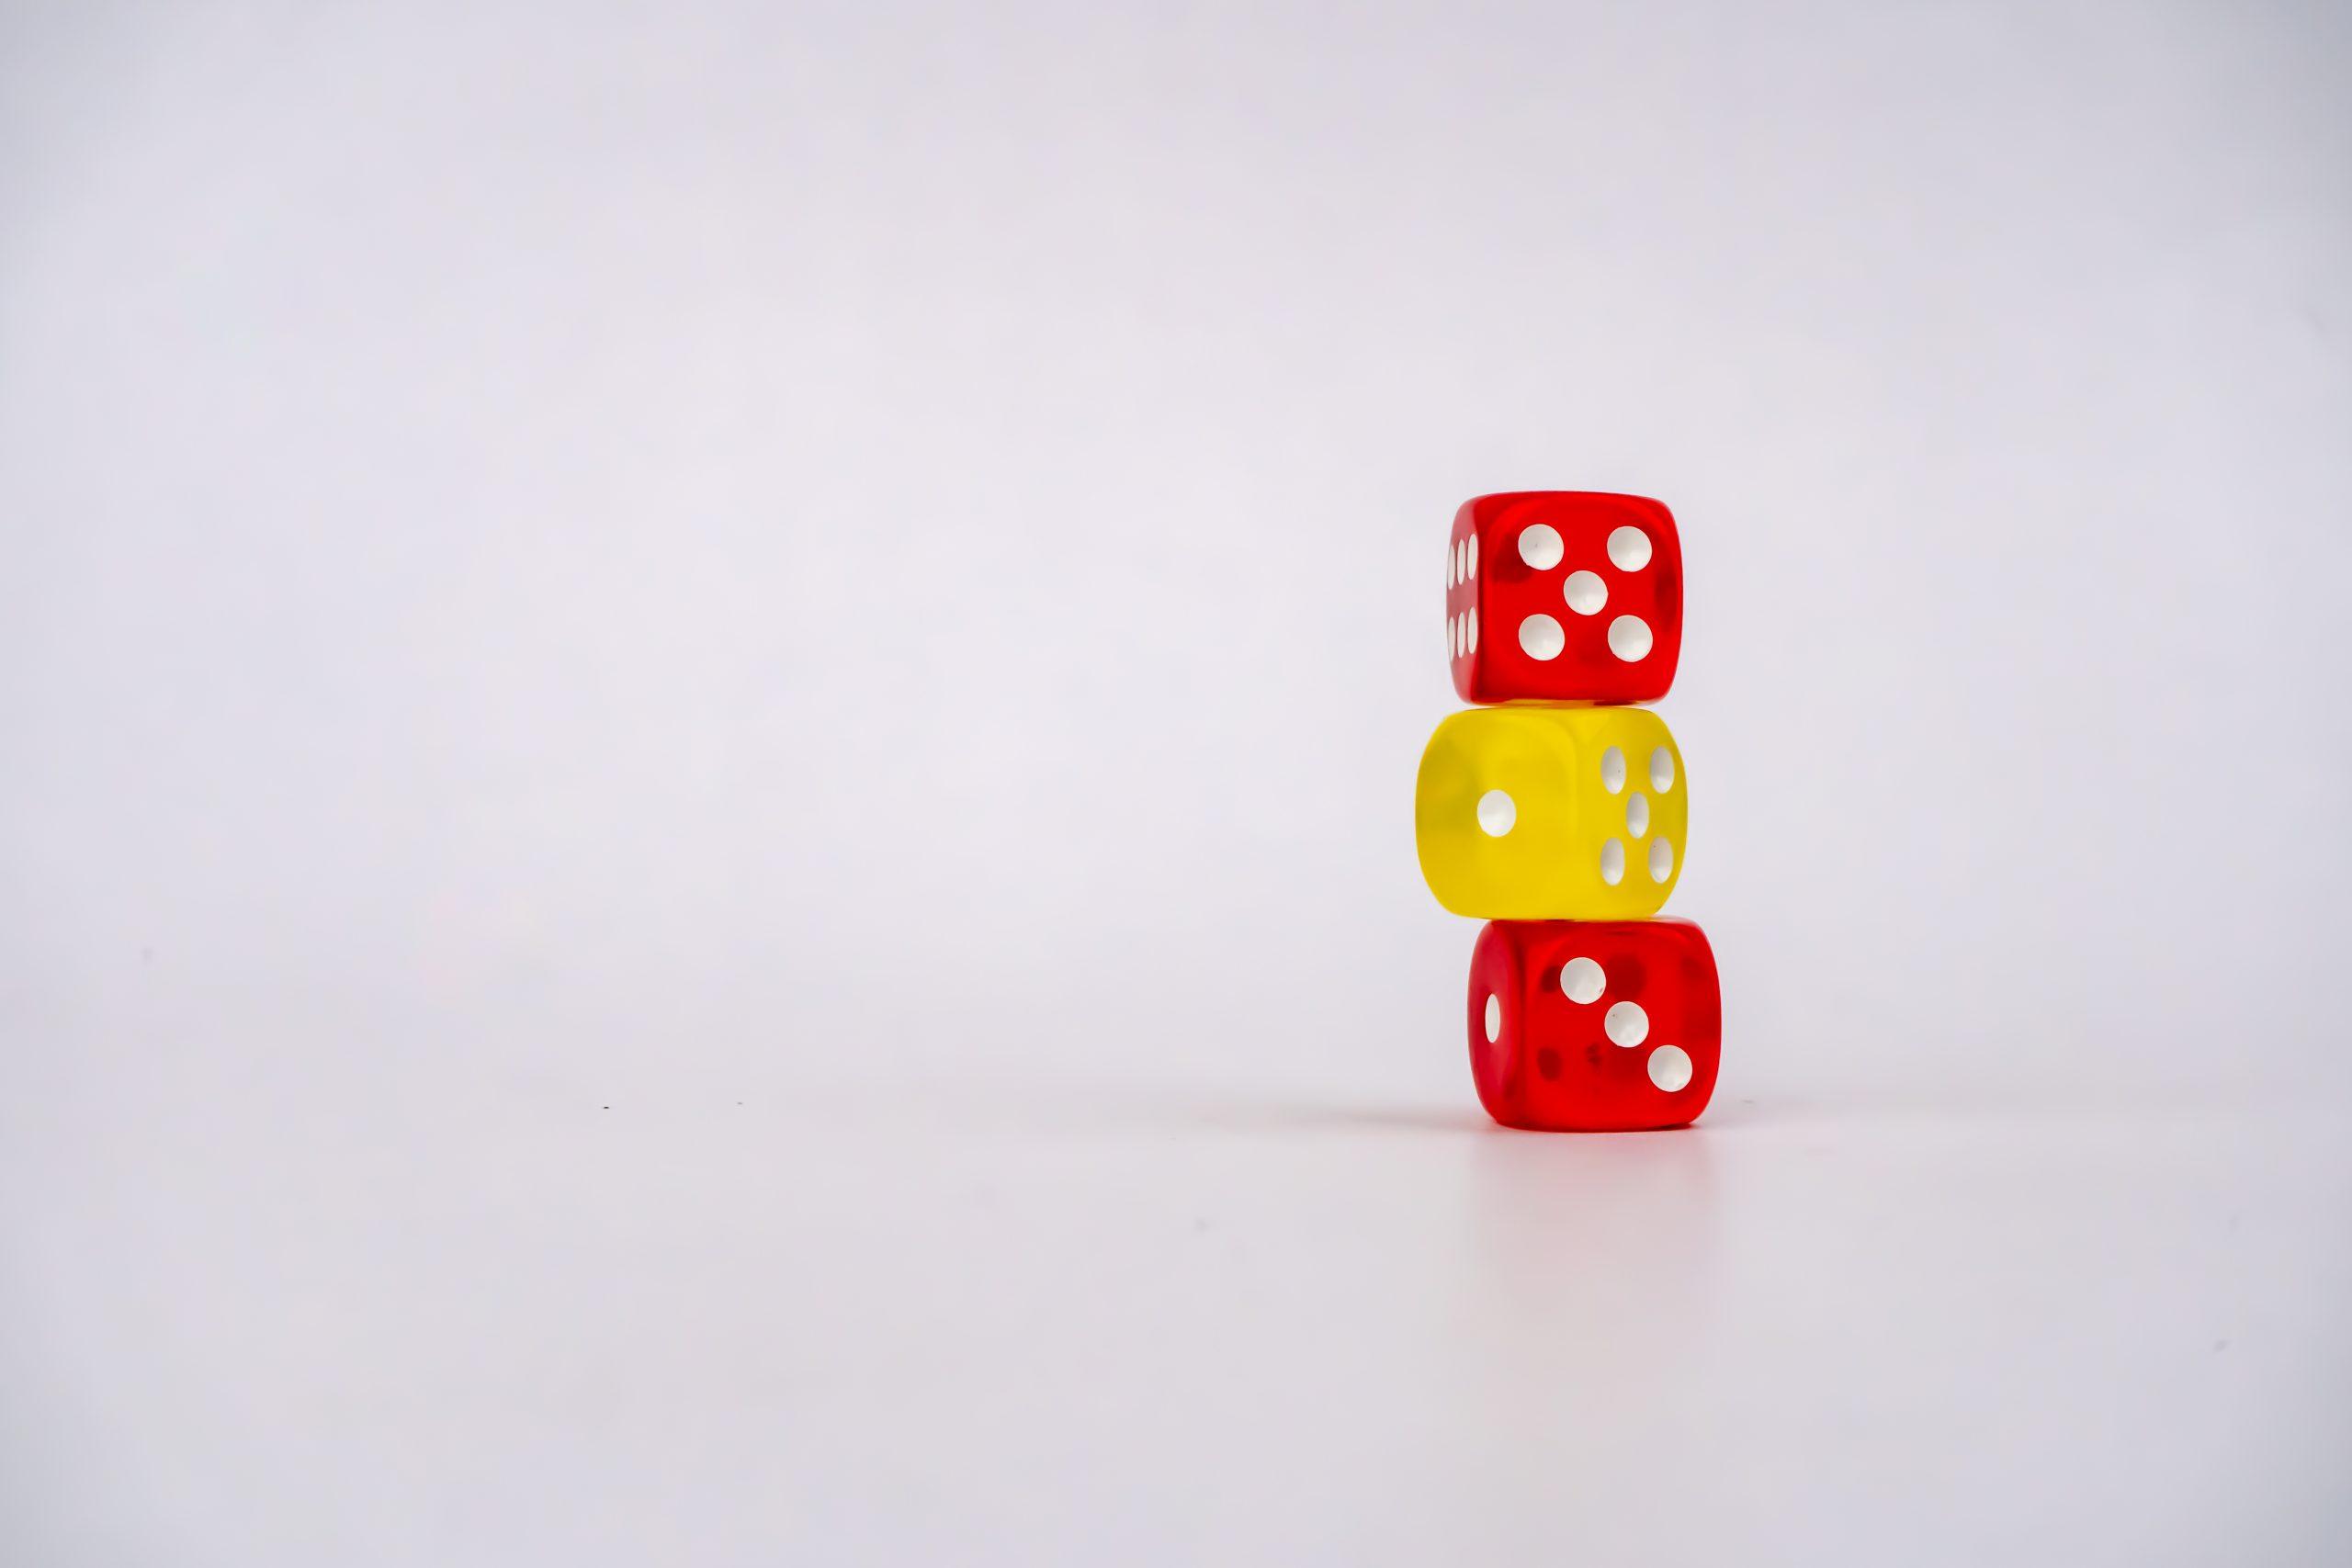 3 dice balancing